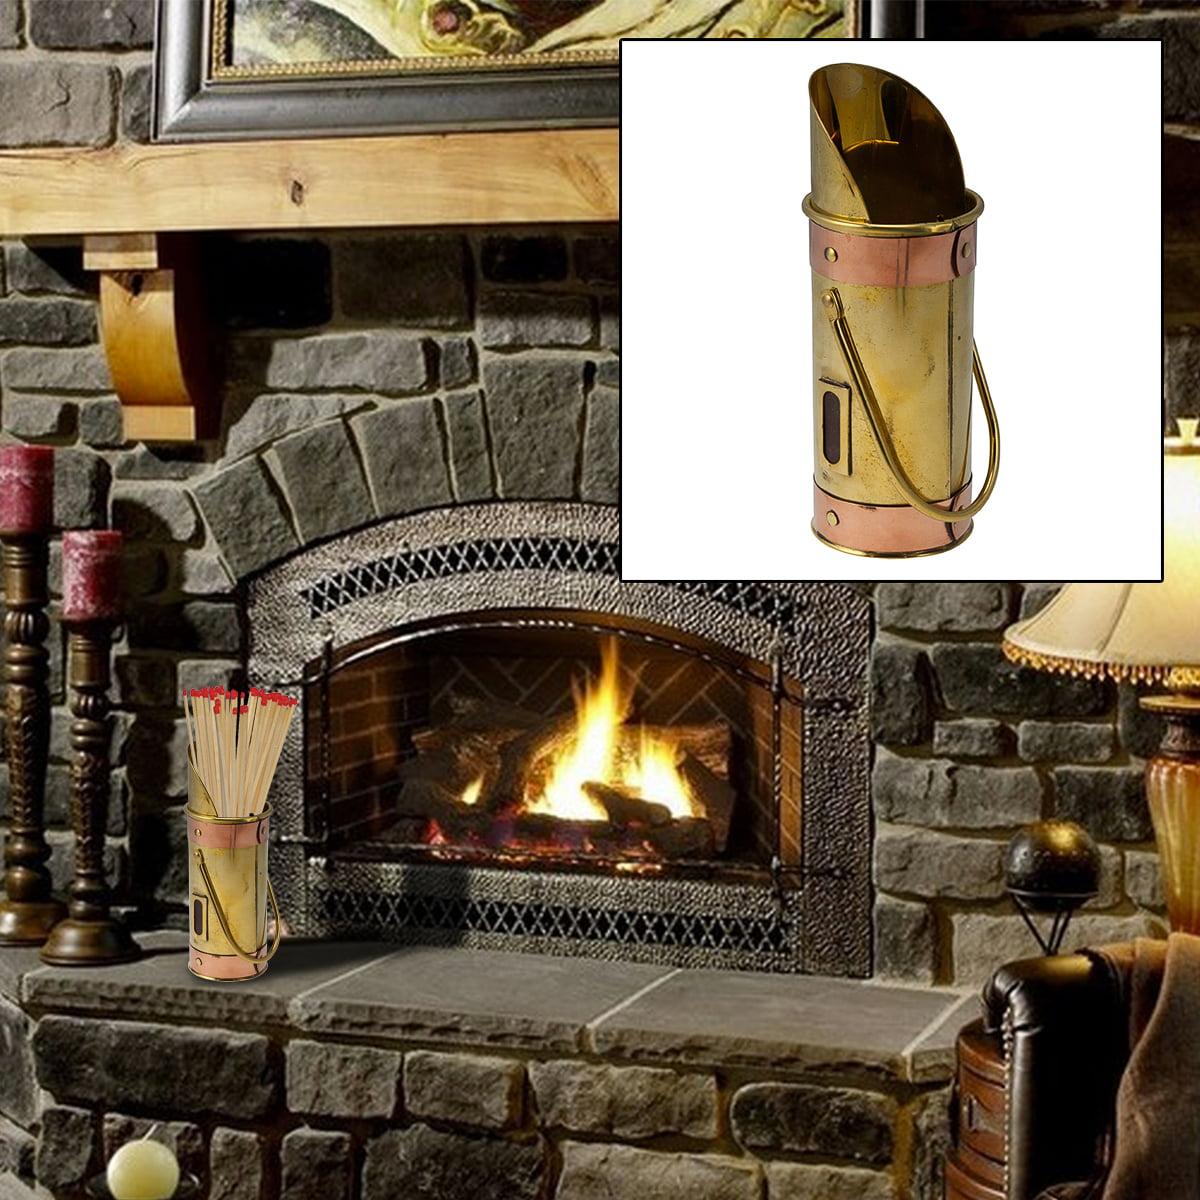 Polished Brass Match Holder Striker Copper Box Safety Long Fireplace Decorative